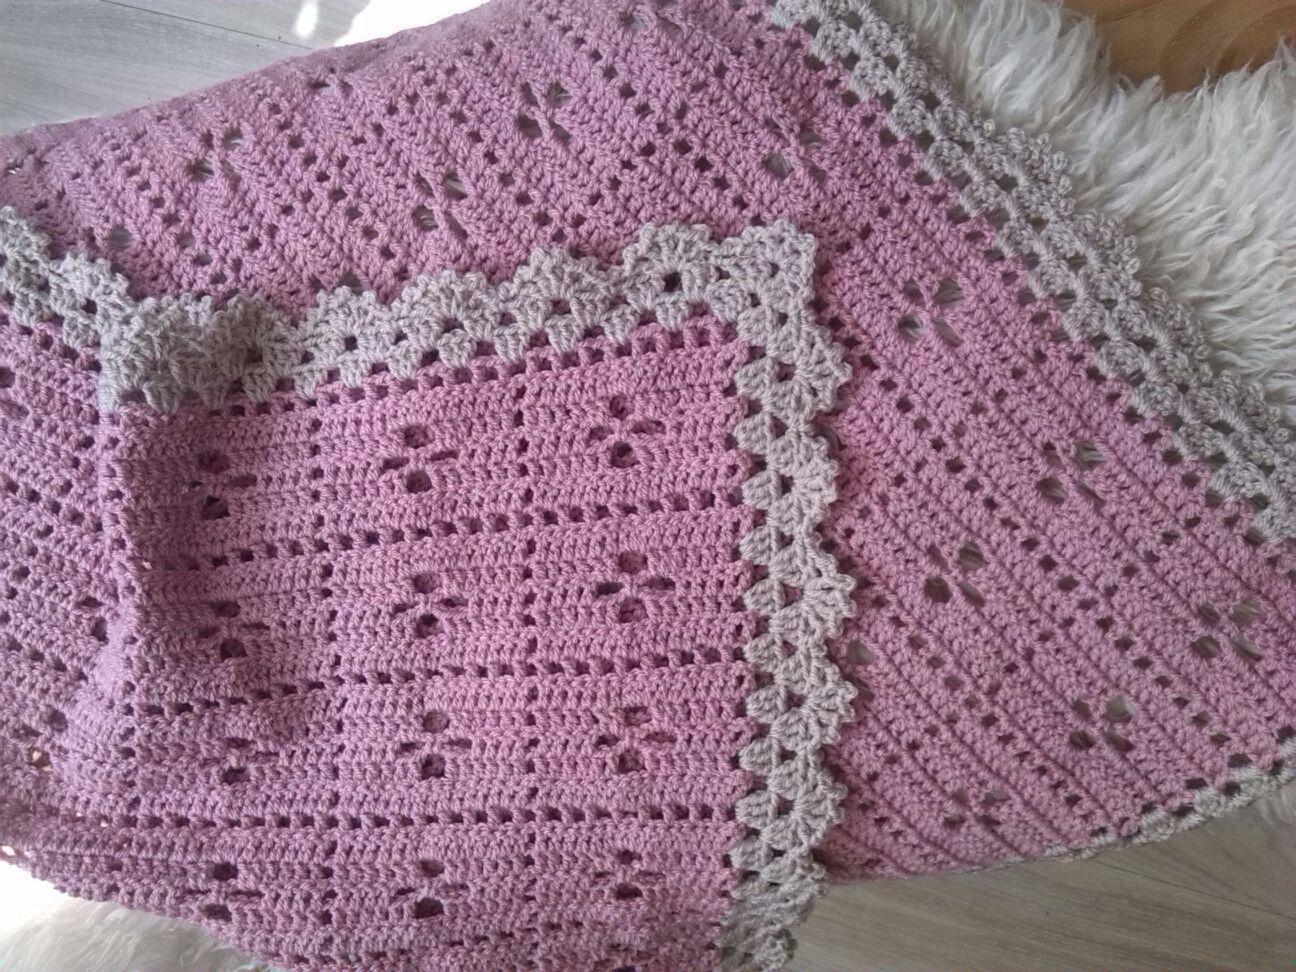 """Babyblanket """"Call the midwife"""" , pattern: """"Little monkeys crochet"""" #Carôt #Crochet #BabyBlanket #Haken #BabyDeken"""